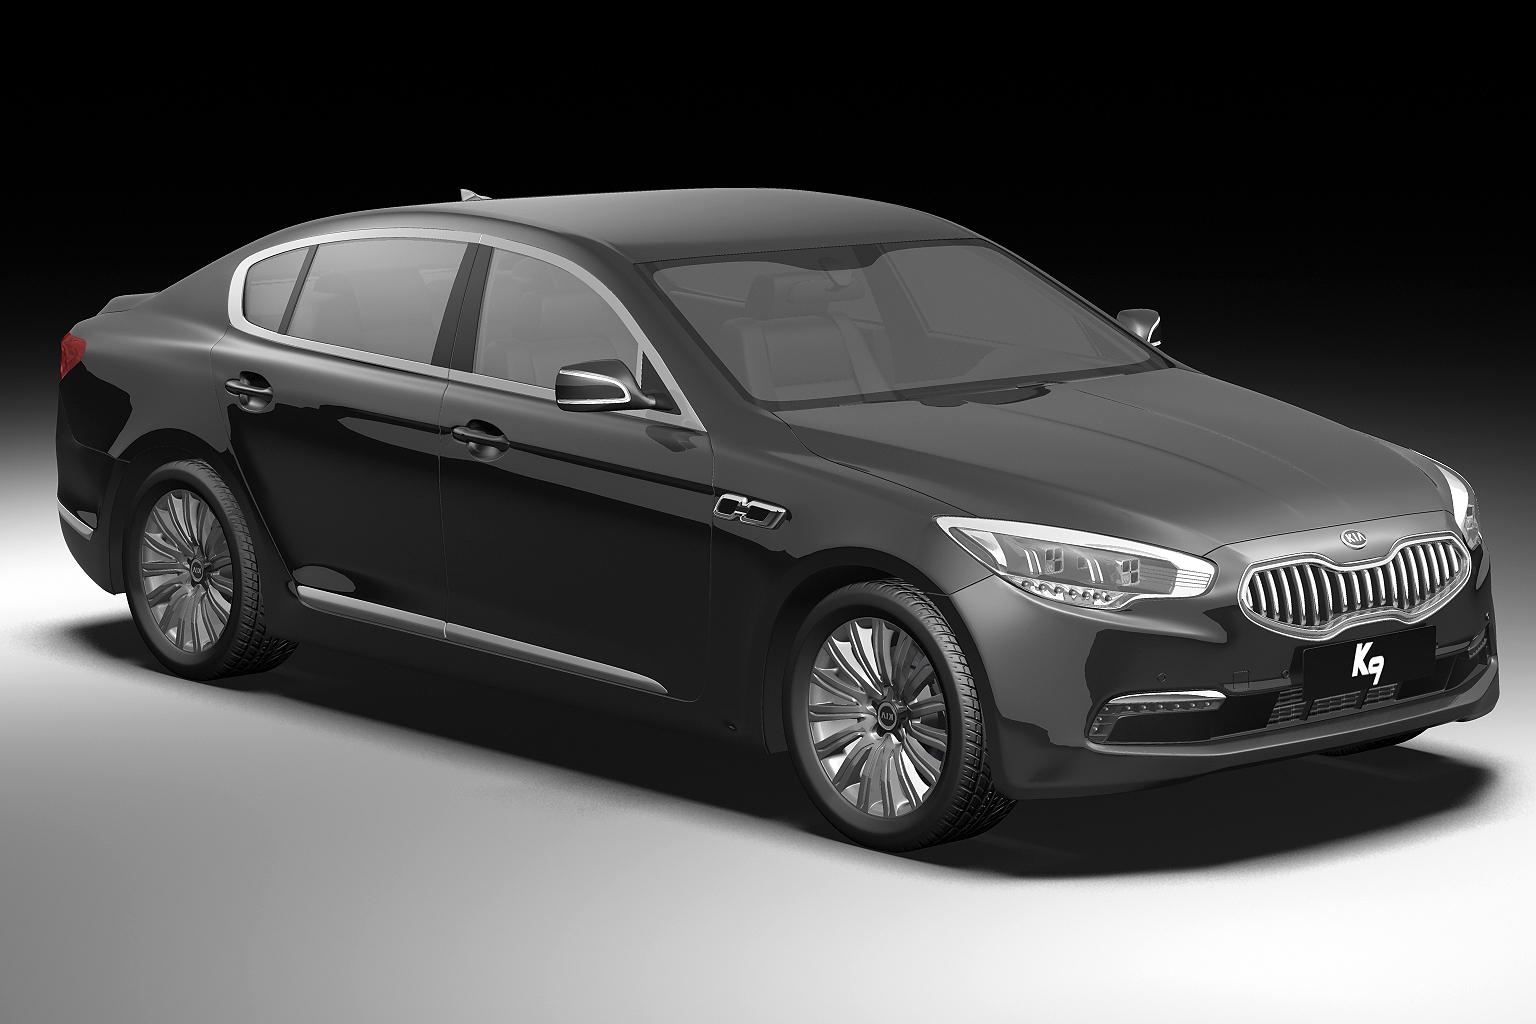 2012 kia k9 3d model 3ds max fbx c4d lwo hrc xsi obj 136303